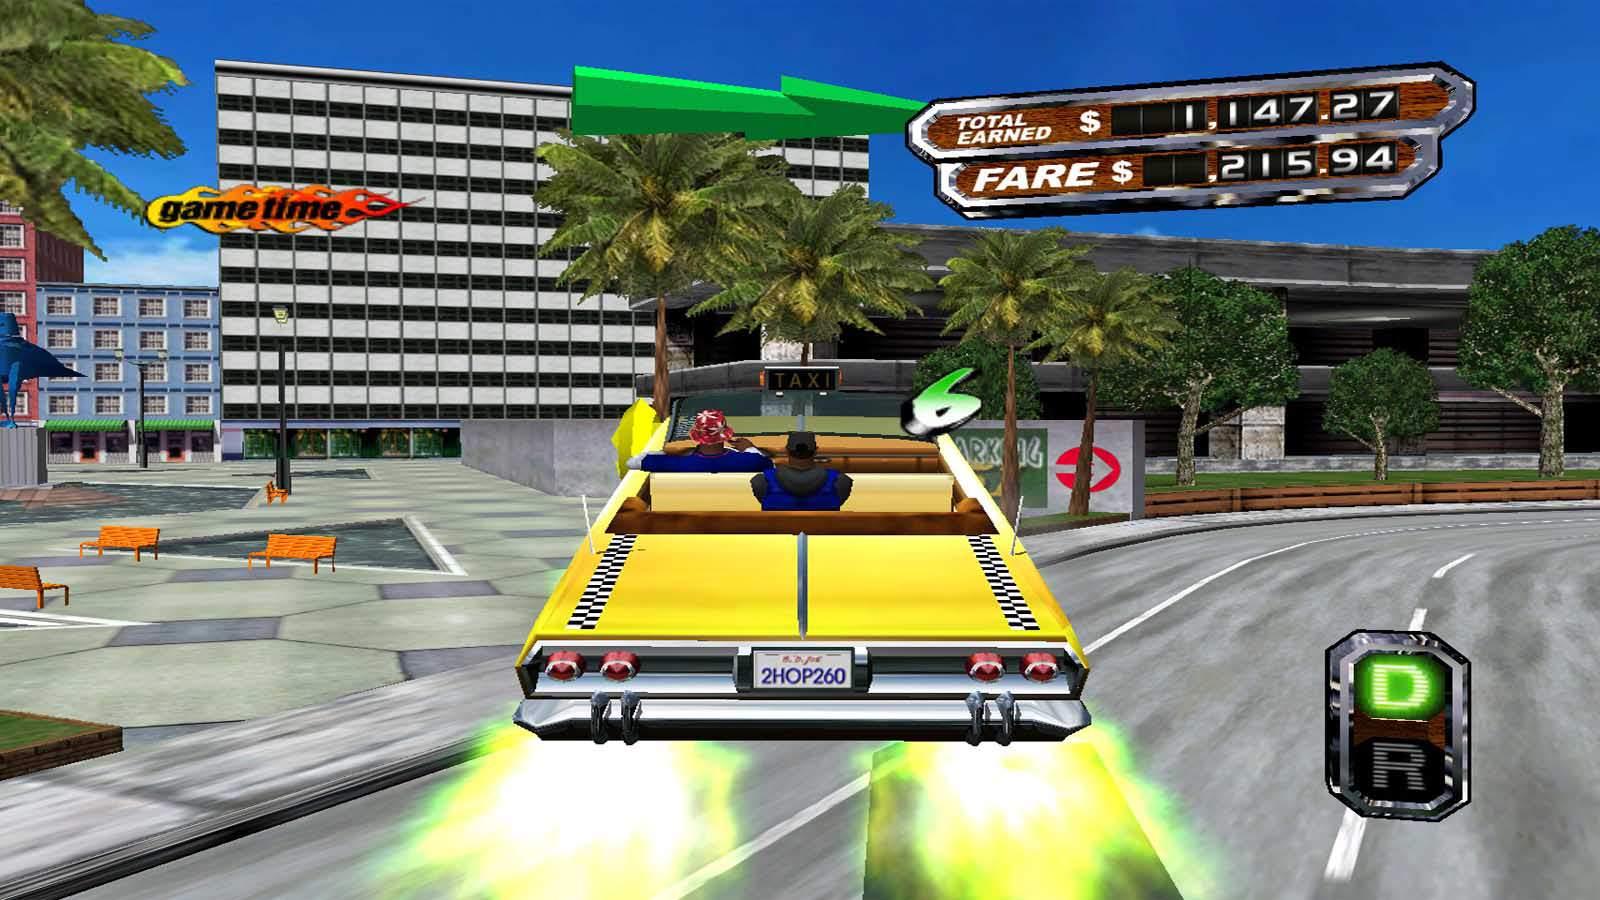 تحميل لعبة Crazy Taxi 3 مضغوطة برابط واحد مباشر كاملة مجانا